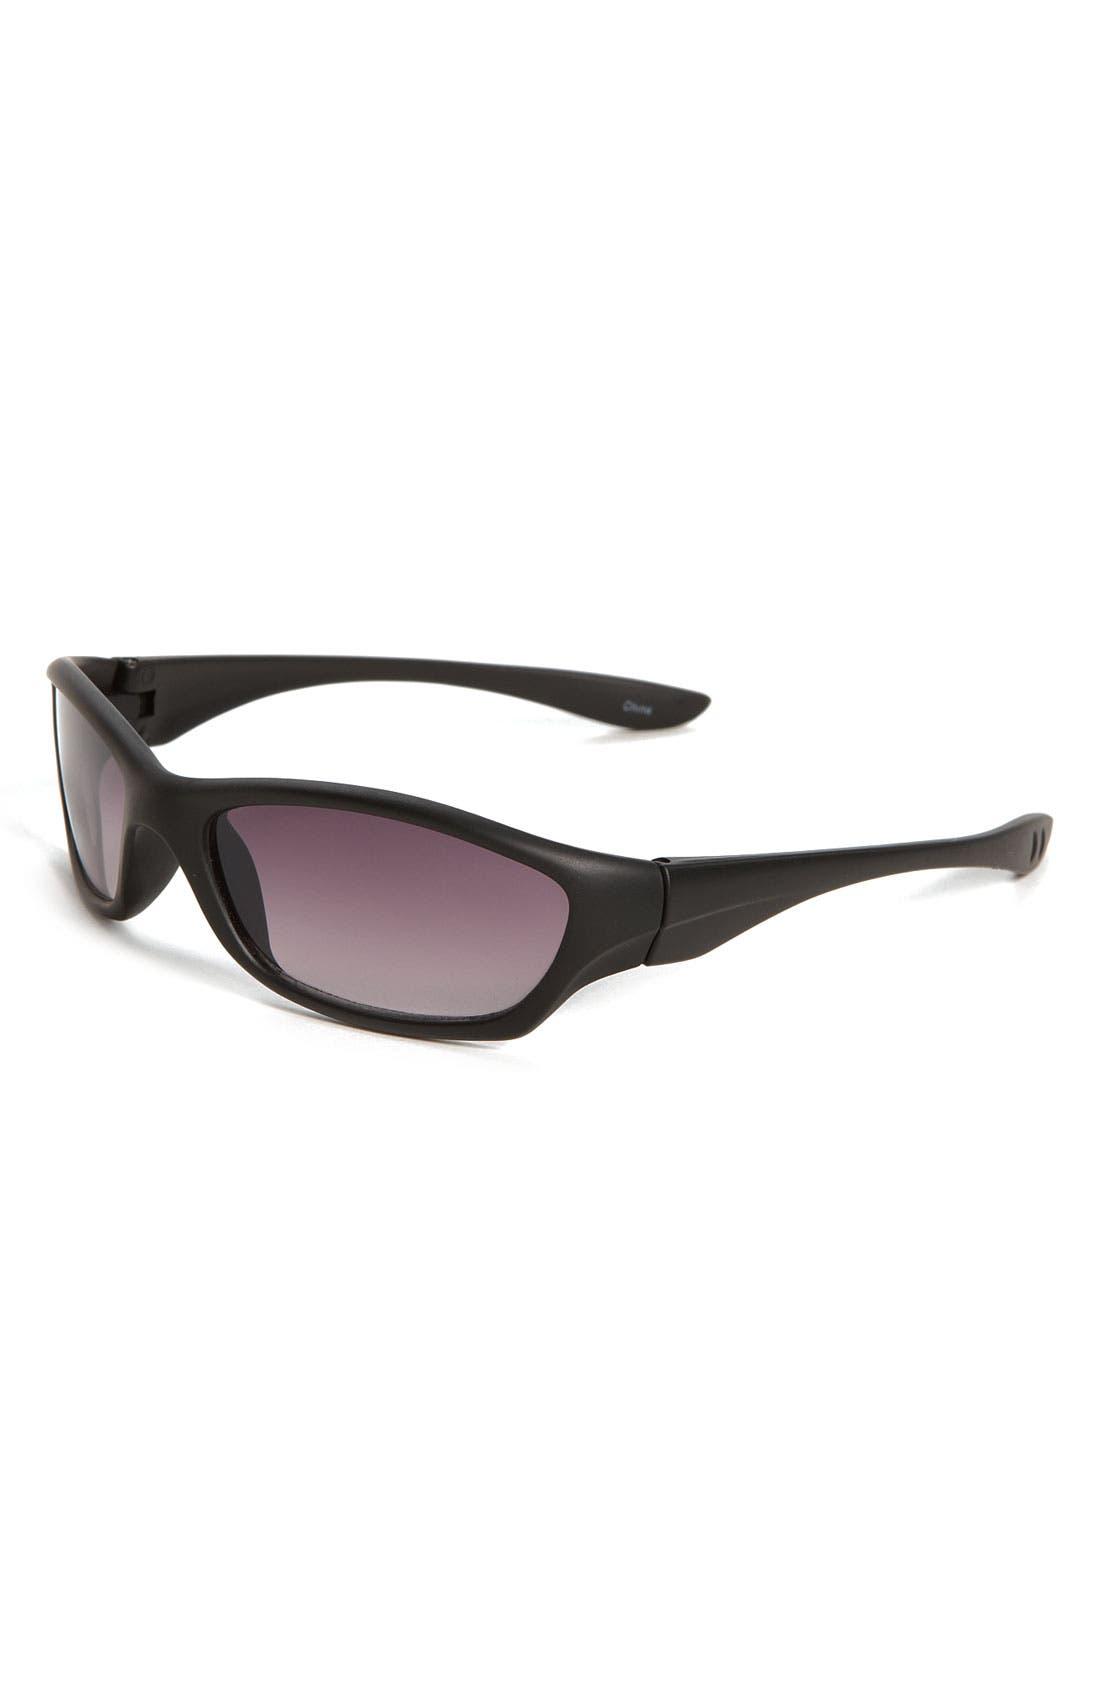 Alternate Image 1 Selected - Icon Eyewear 'Jimmy' Sunglasses (Big Boys)